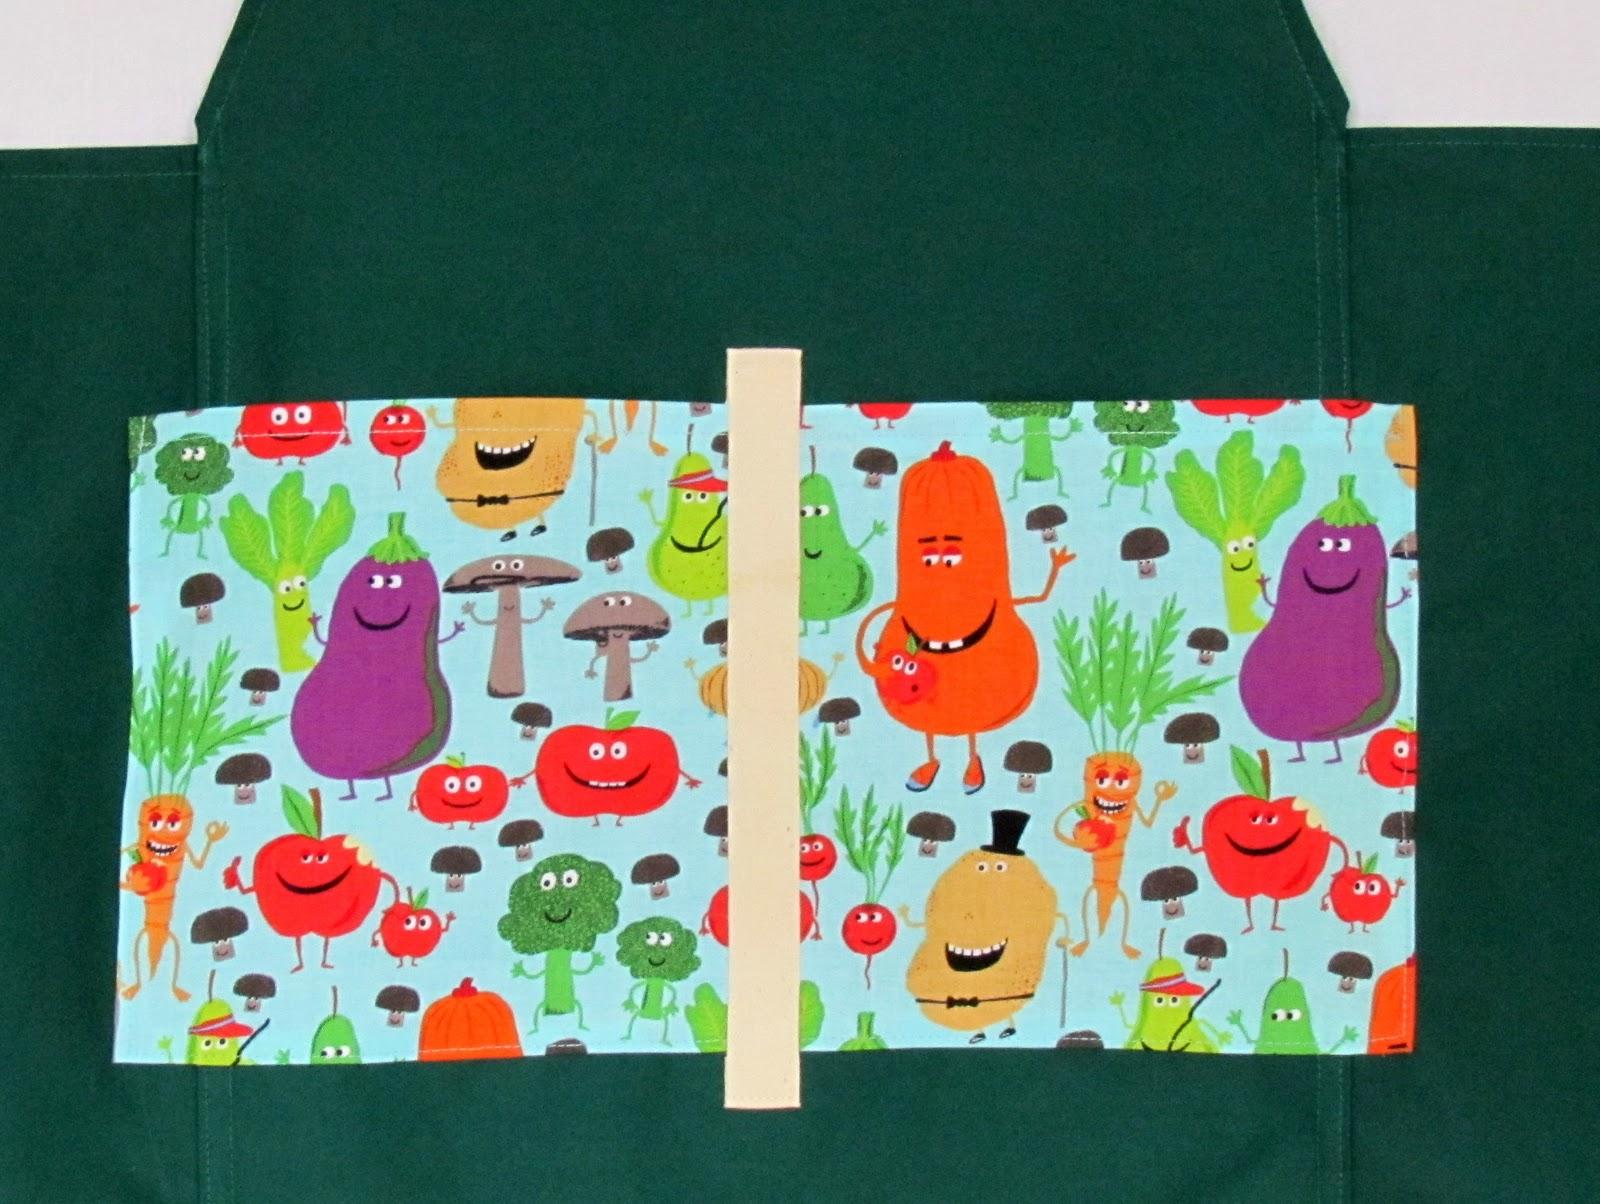 La compagnie des tabliers tablier de jardinier pour enfant en 8 10 ans vendu - Tablier jardinier enfant ...